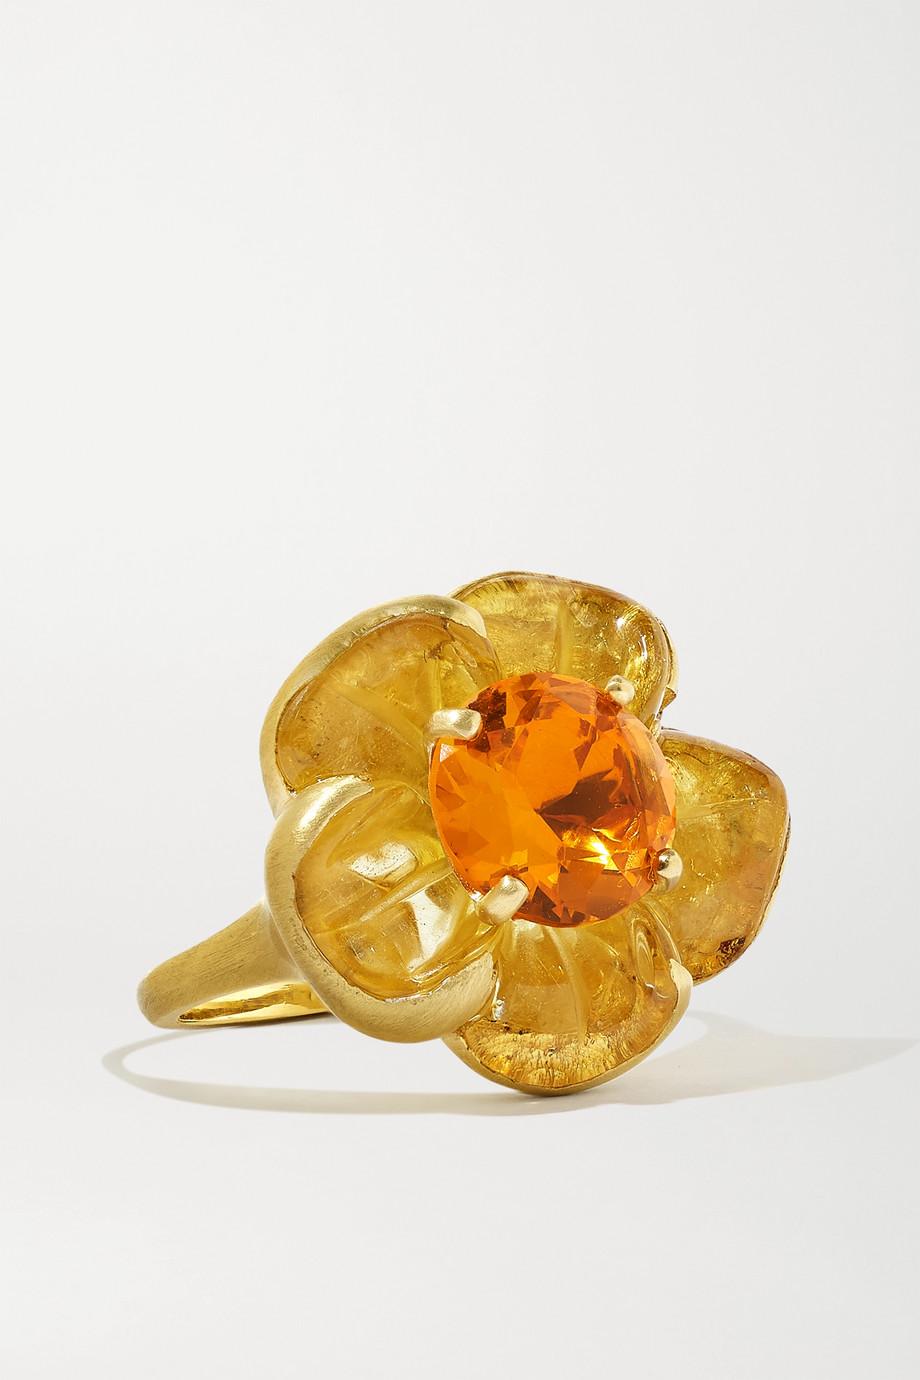 Irene Neuwirth Bague en or 18 carats, béryls et opale de feu Tropical Flower